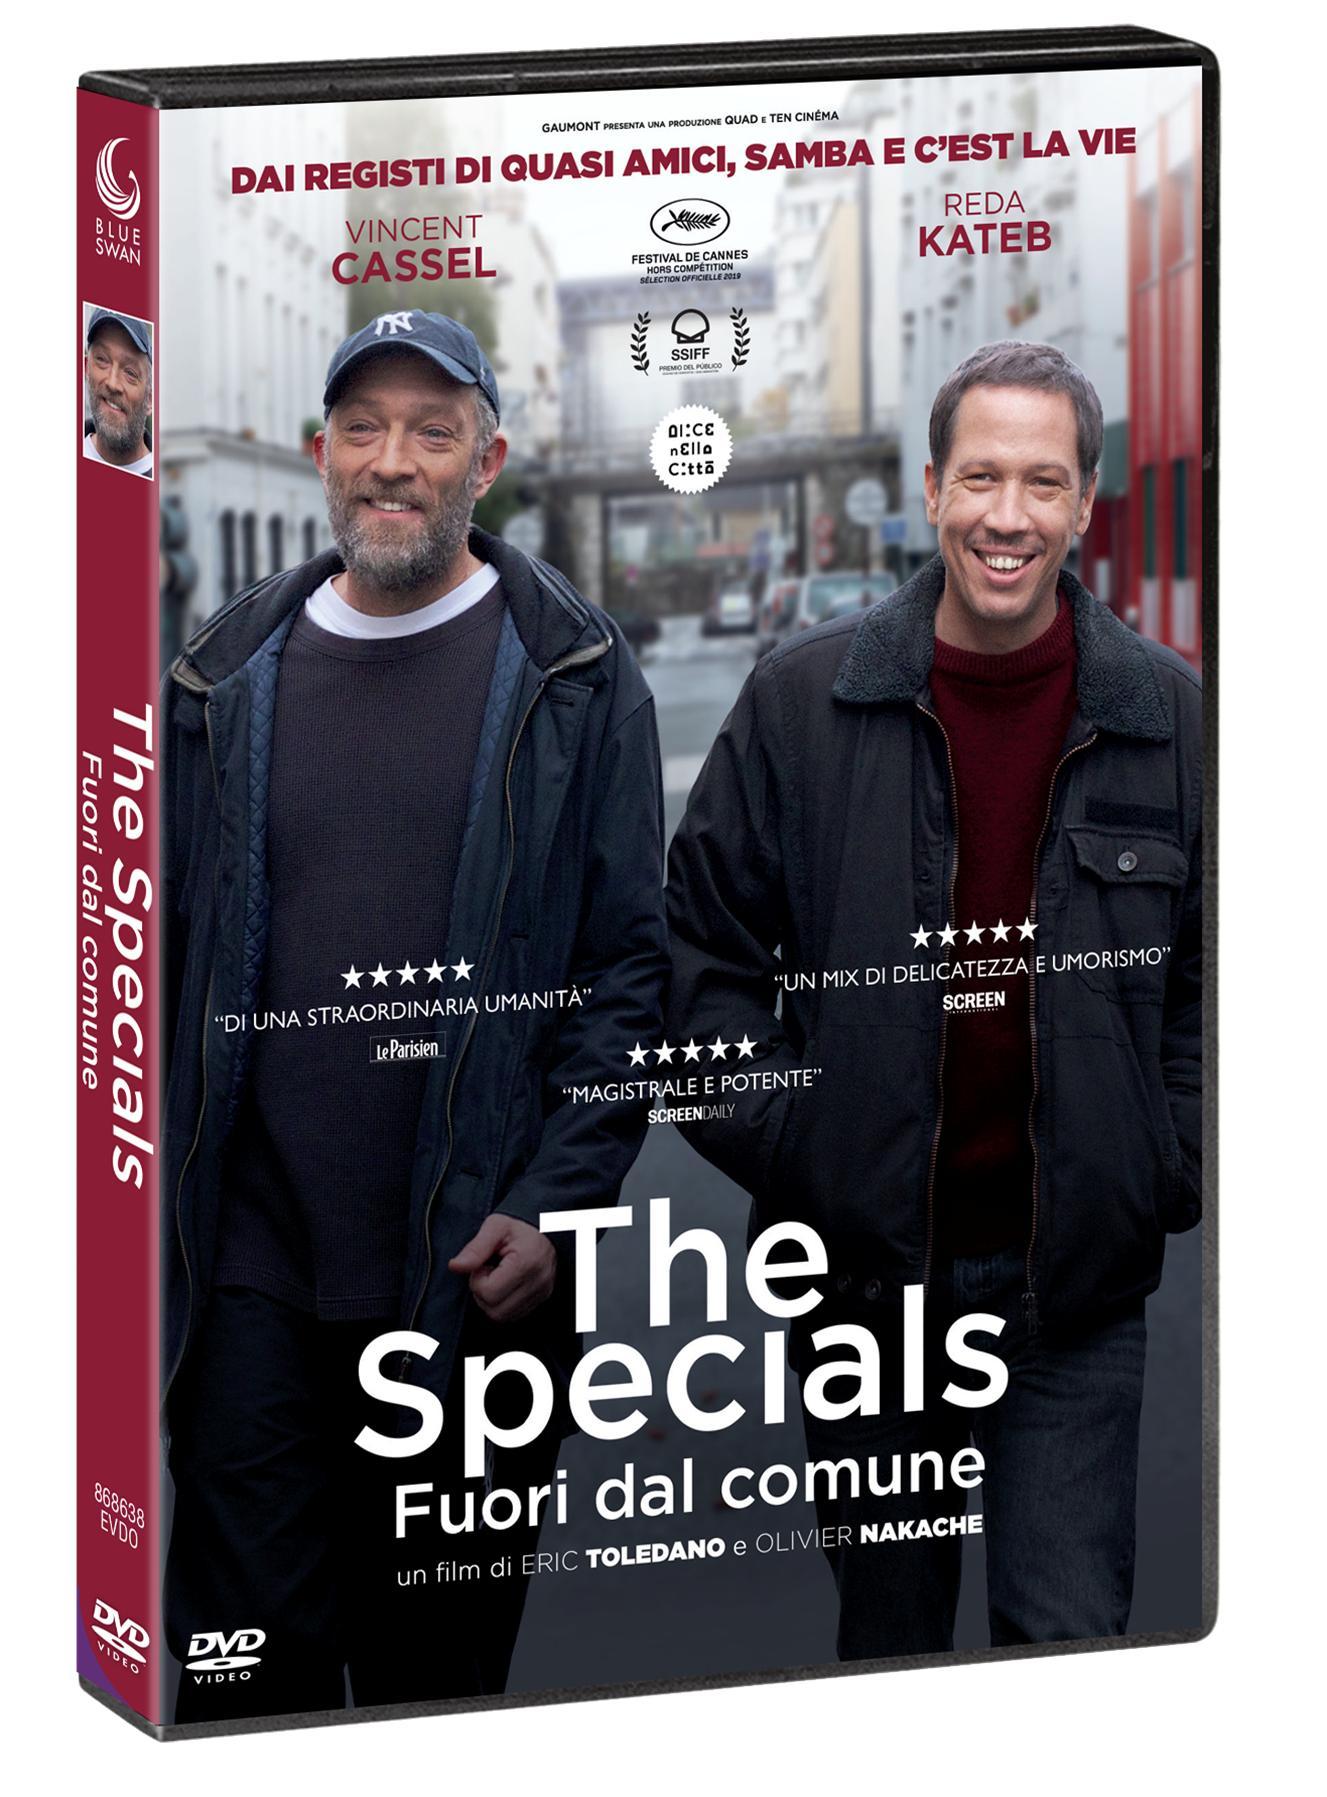 THE SPECIALS - FUORI DAL COMUNE (DVD)